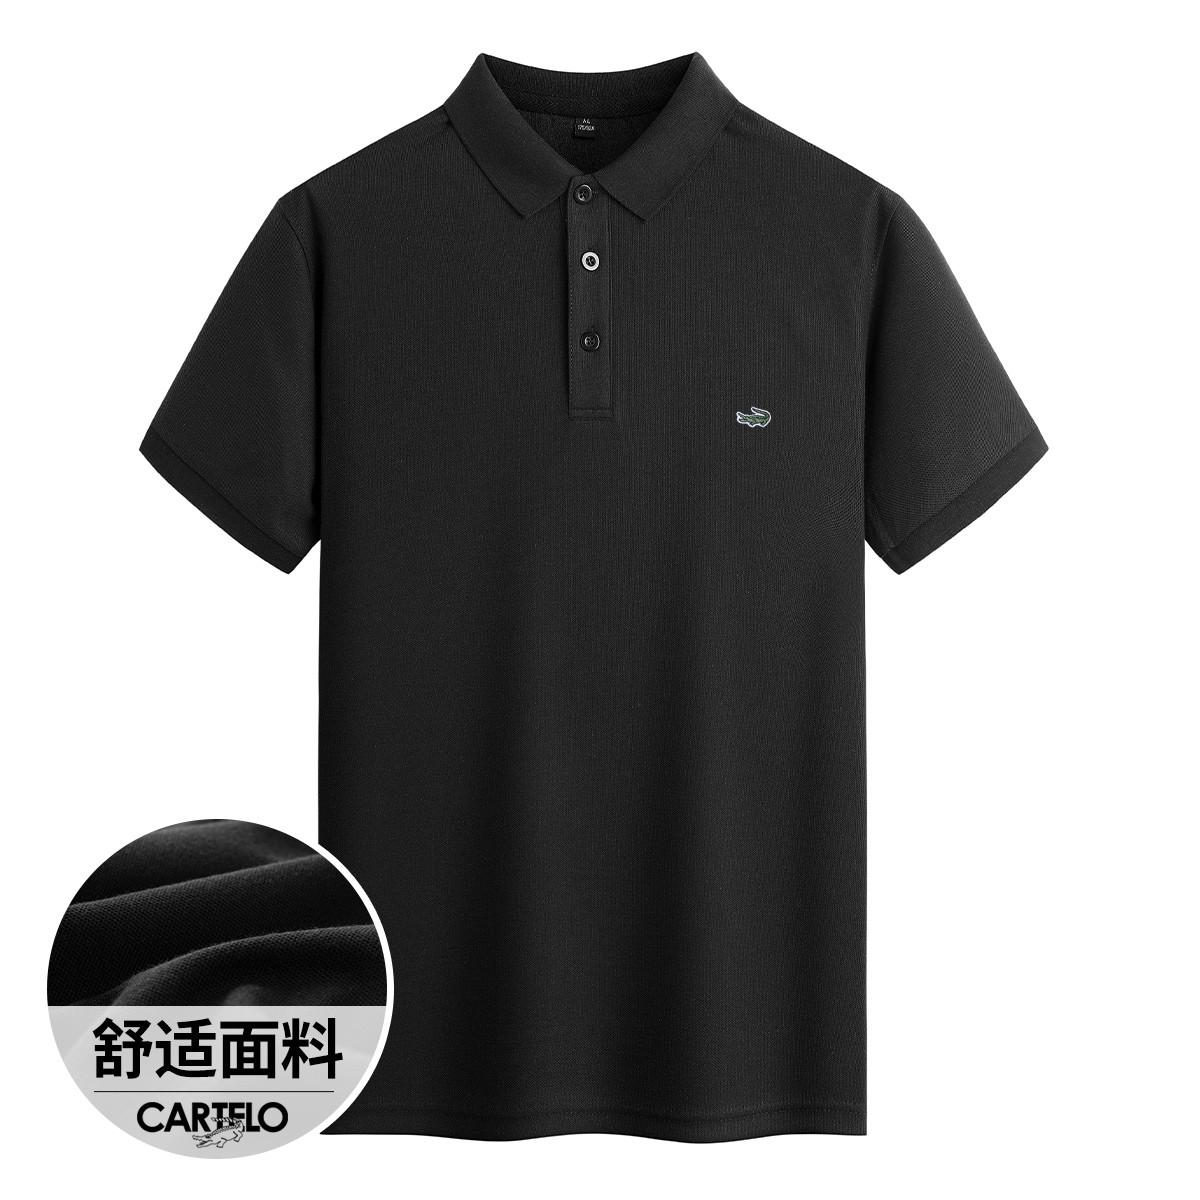 CARTELO 卡帝乐鳄鱼 CJ81X211001 男士短袖POLO衫